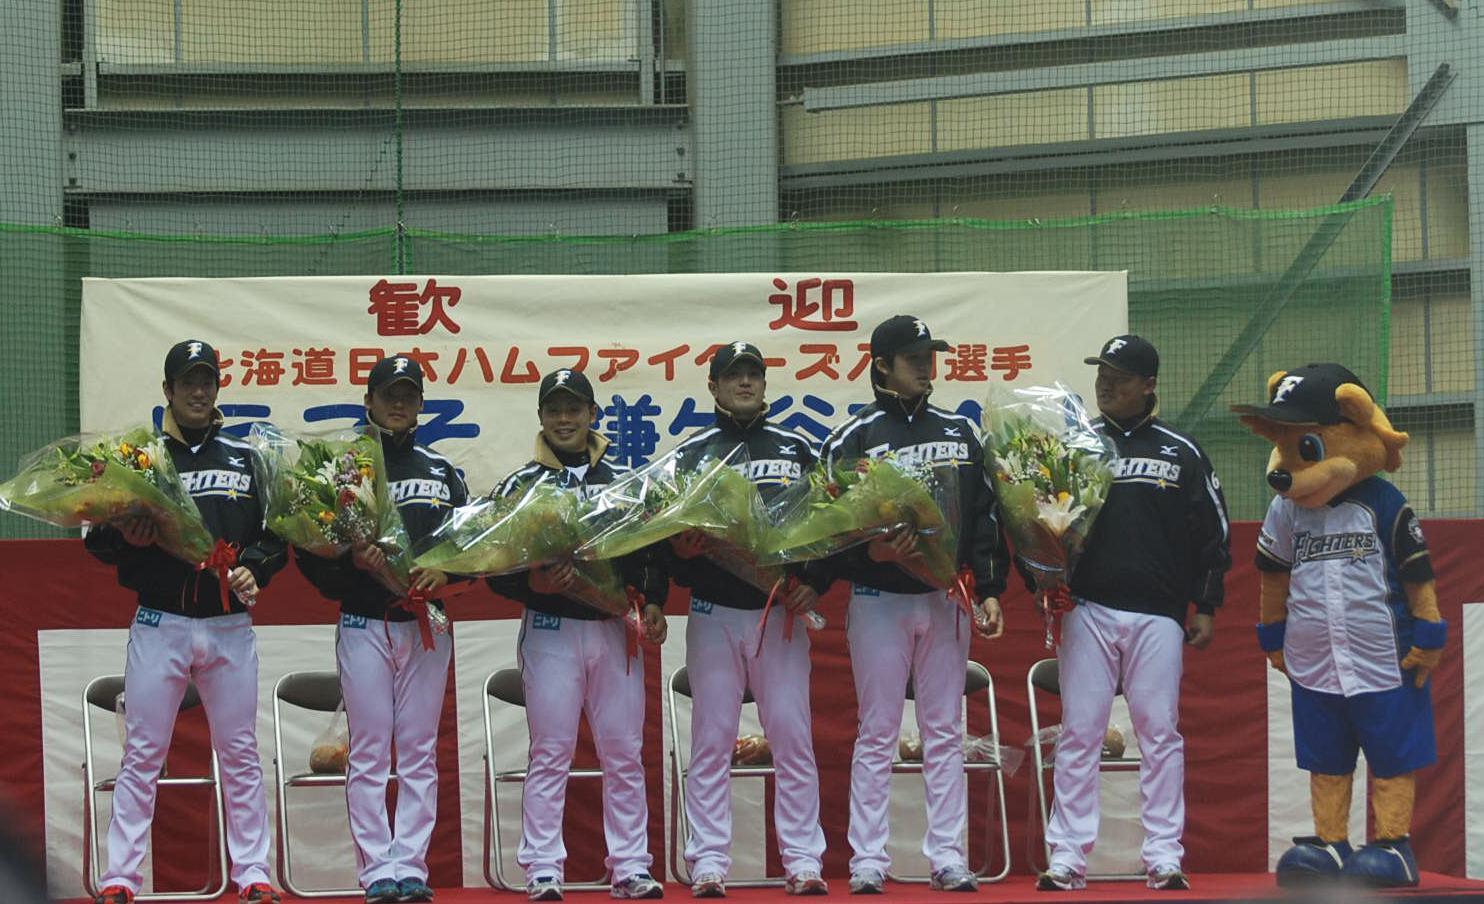 2012年北海道日本ハムファイター...